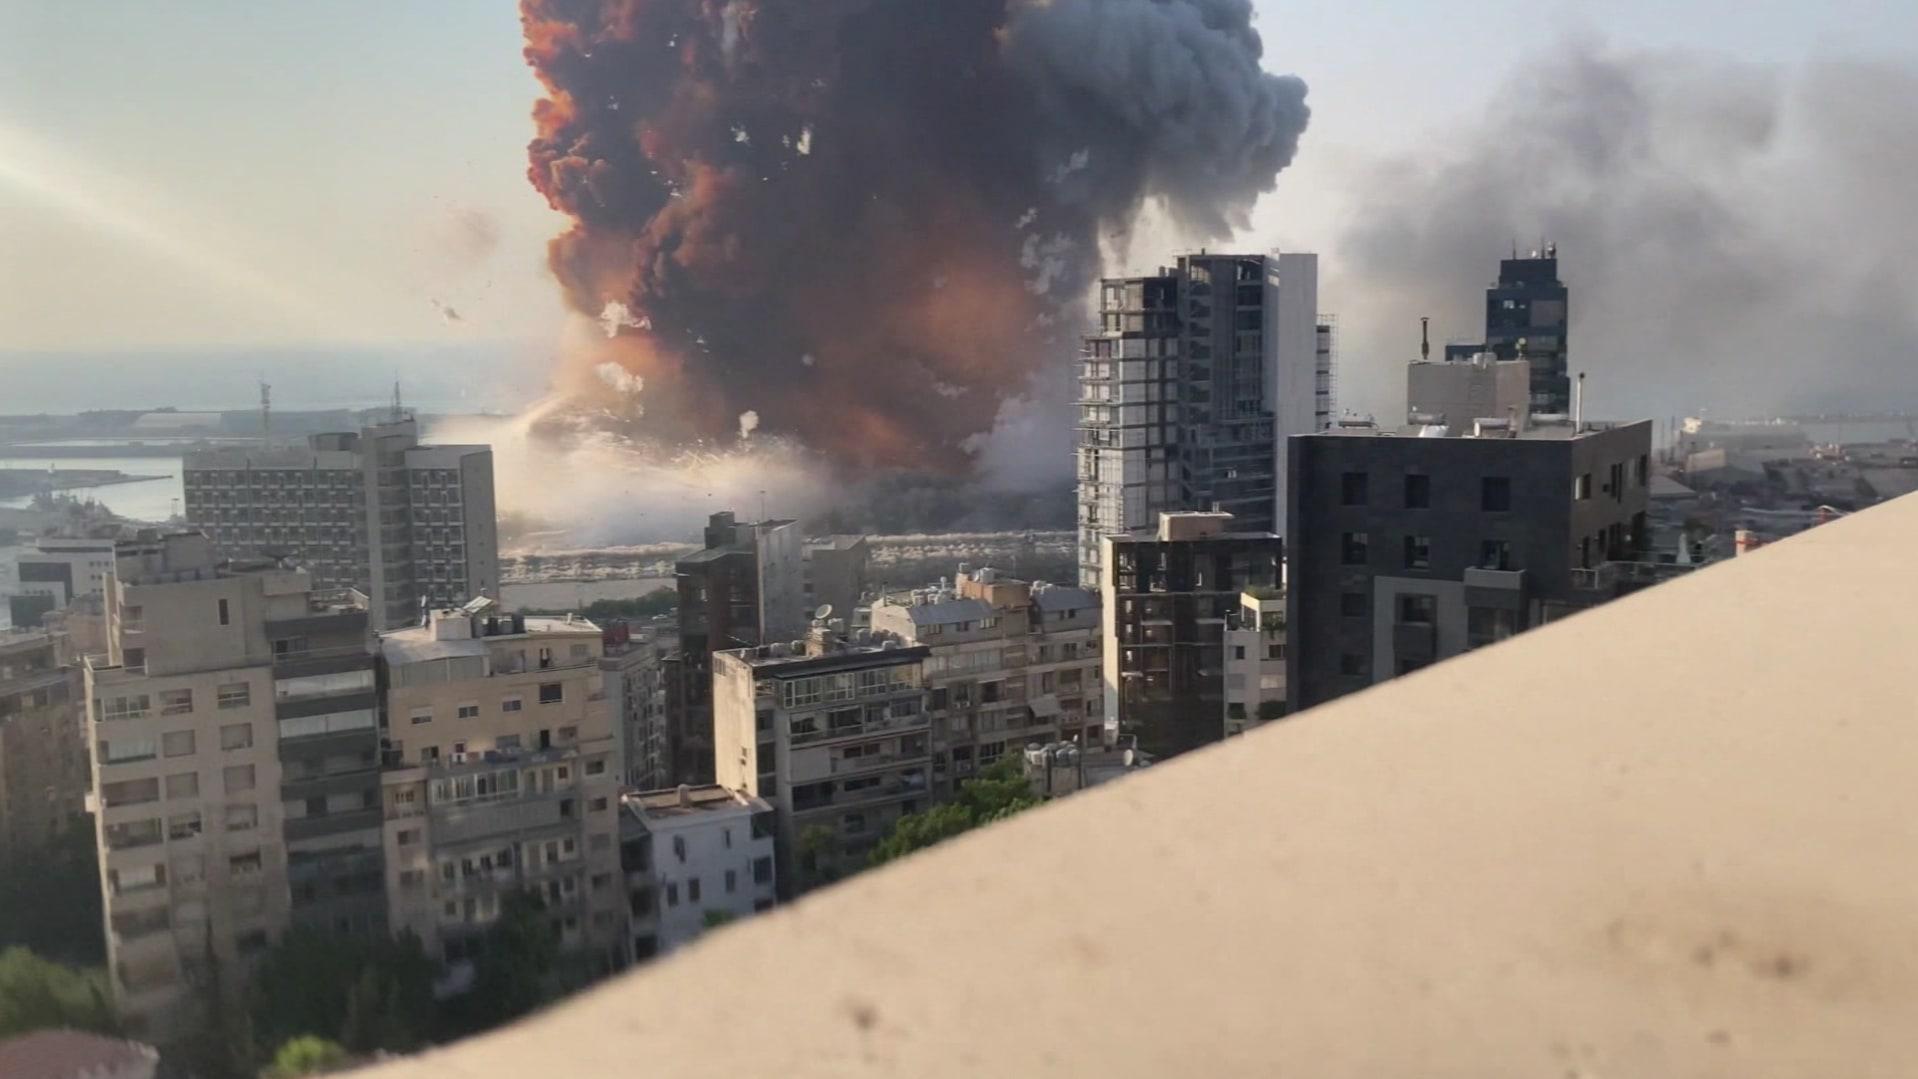 لقطات لم تعرض سابقاً تظهر اللحظة الصادمة لانفجار مرفأ بيروت